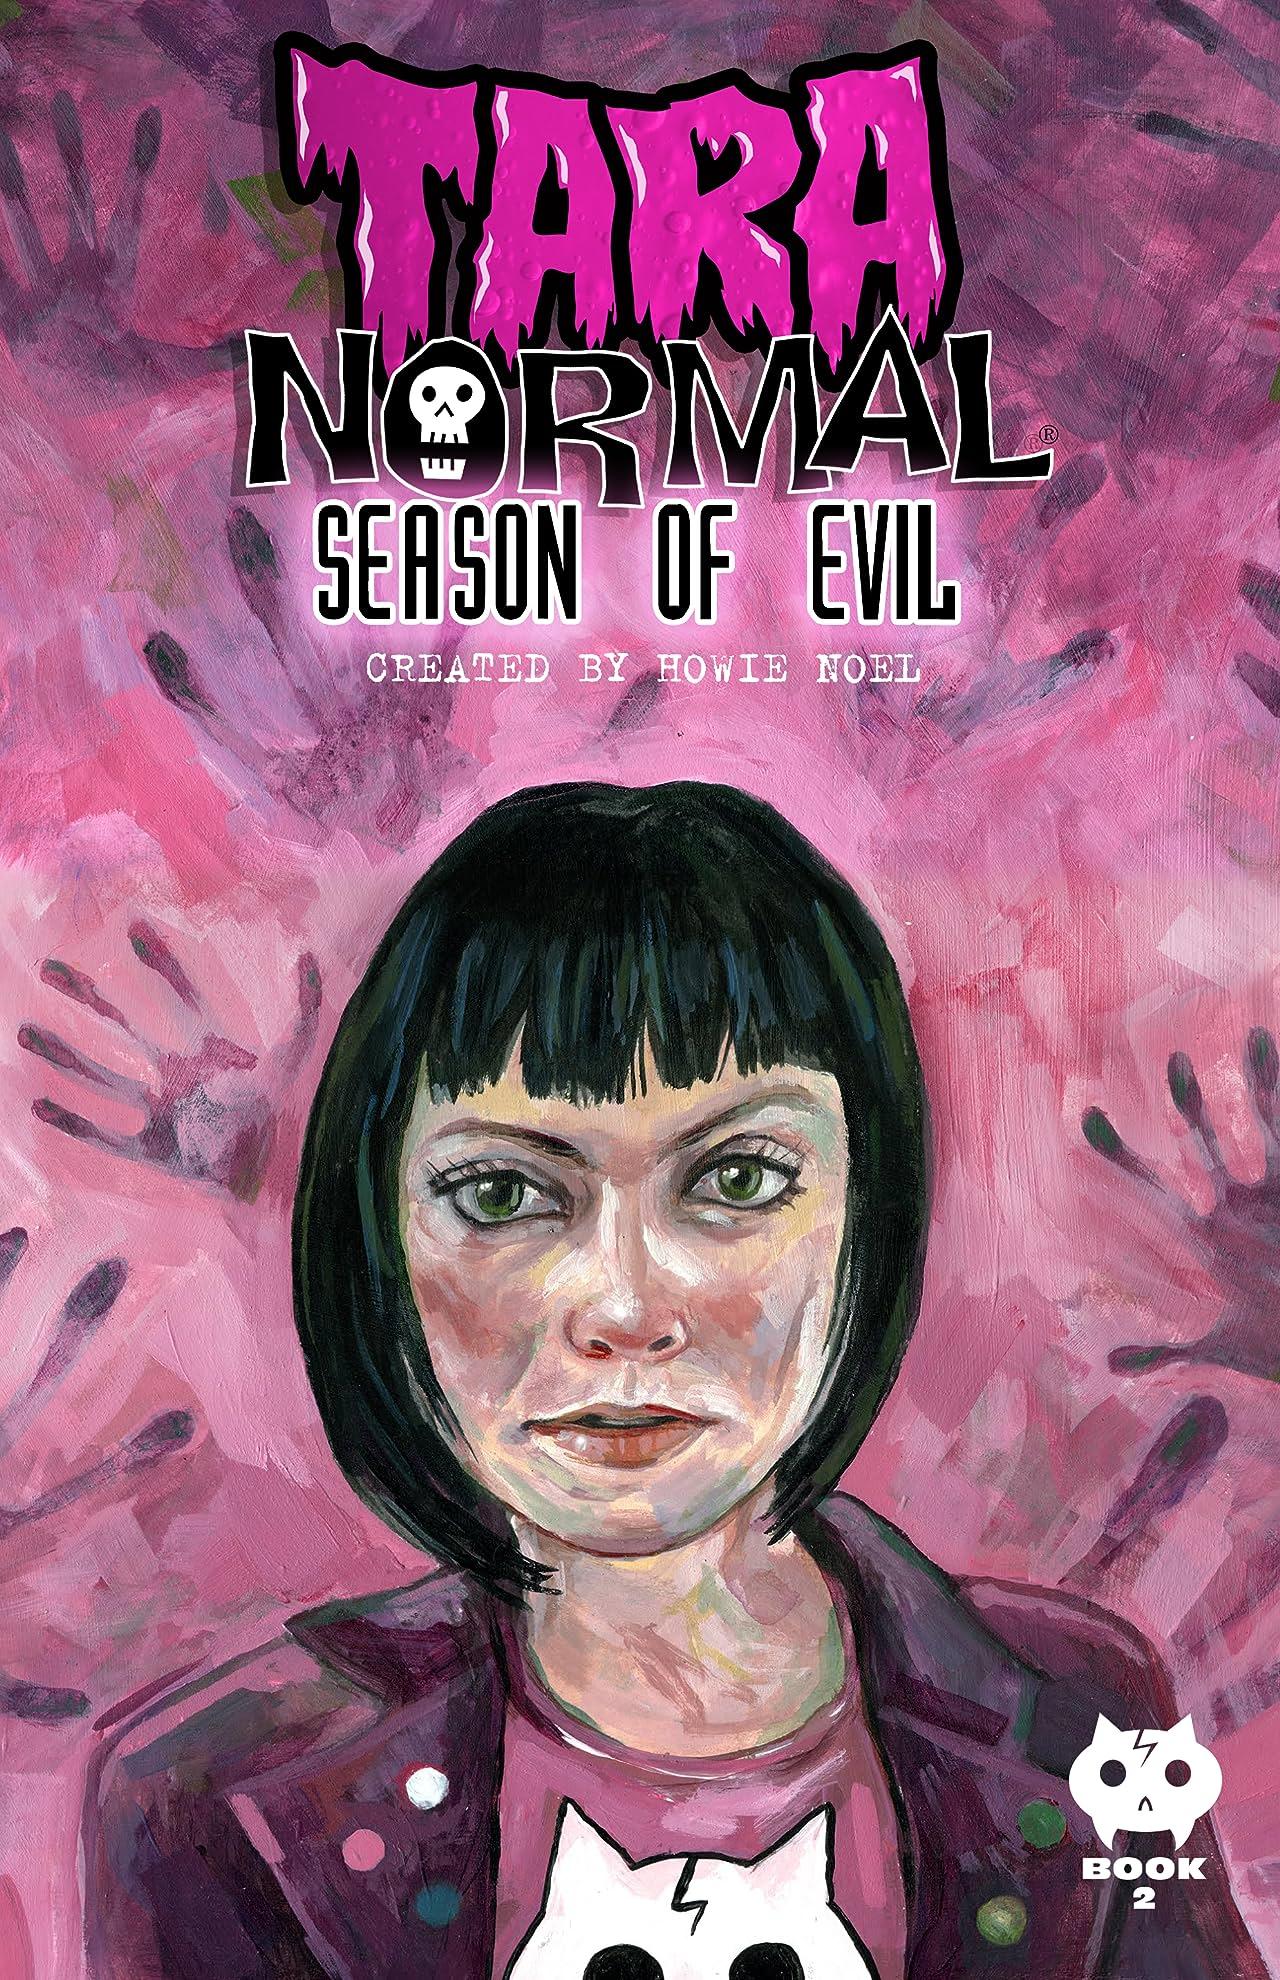 Tara Normal Vol. 2: Season of Evil